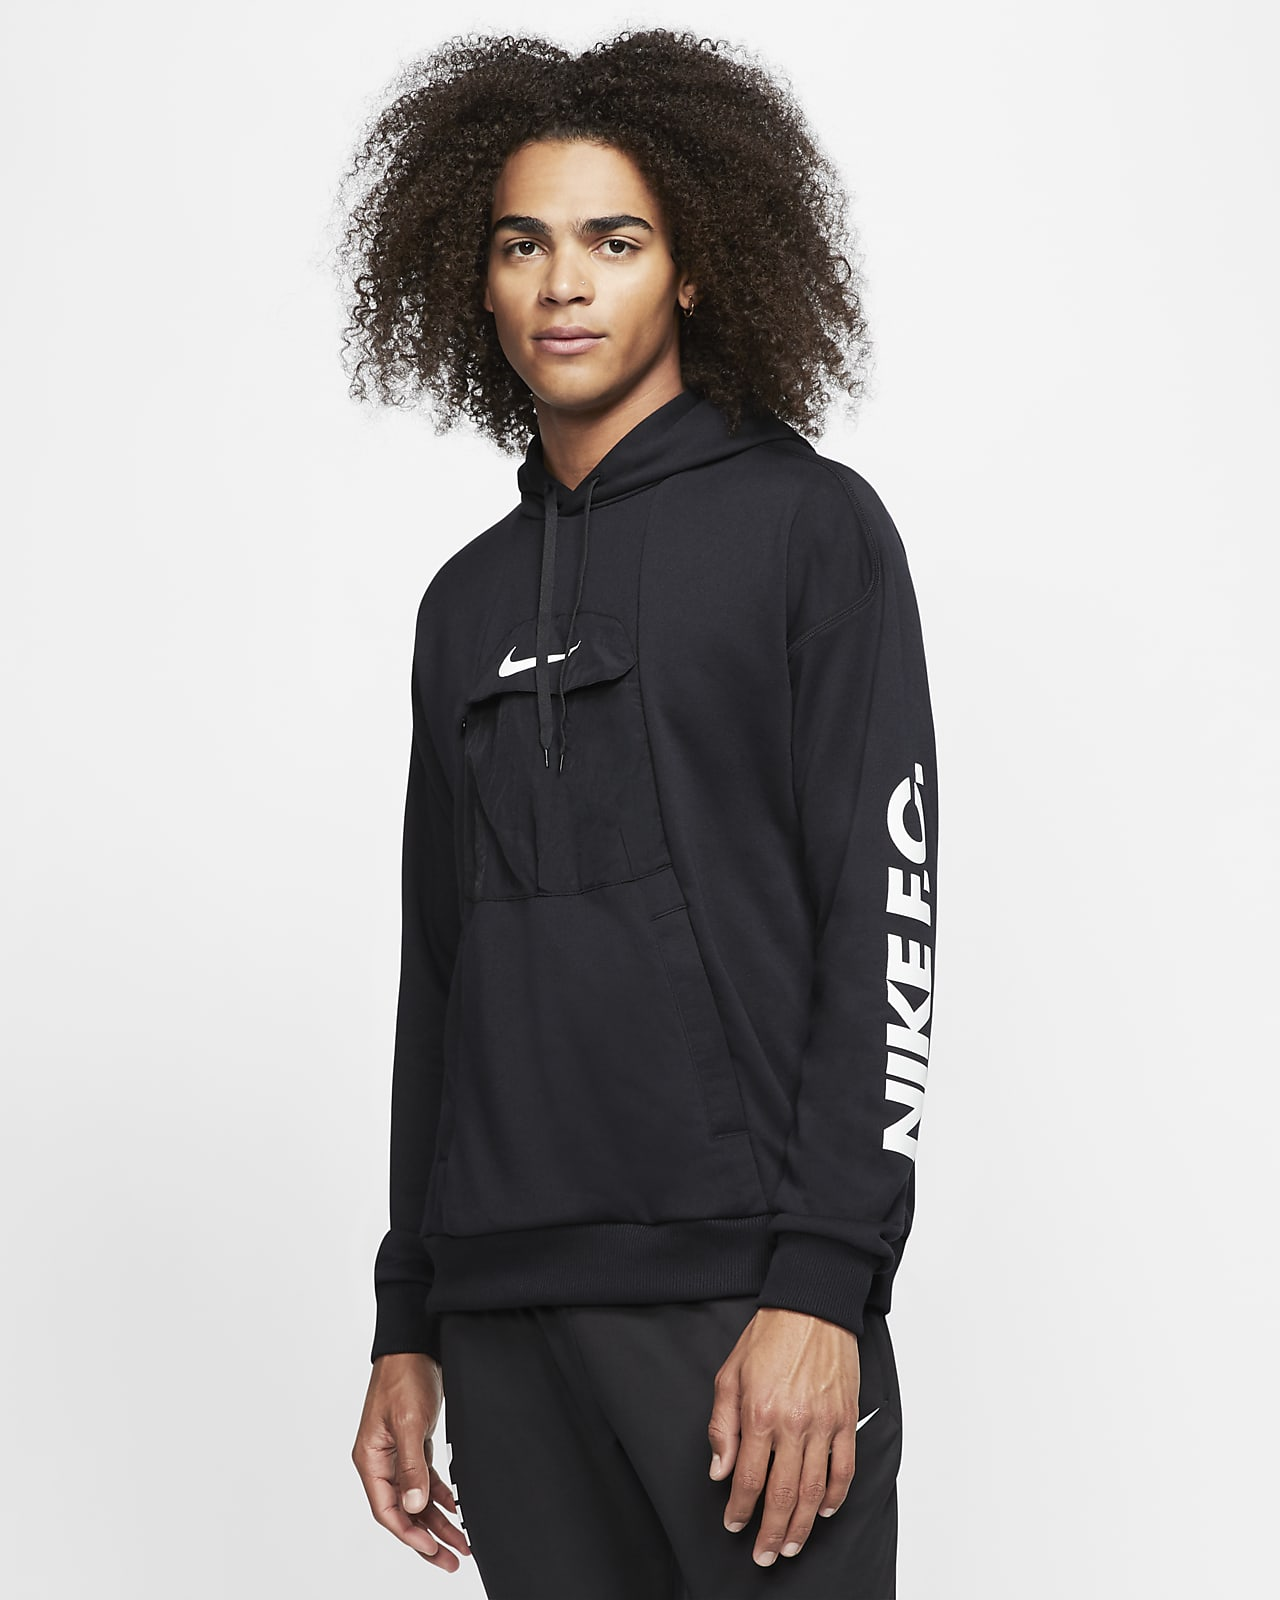 Nike F.C. Fußball-Hoodie für Herren